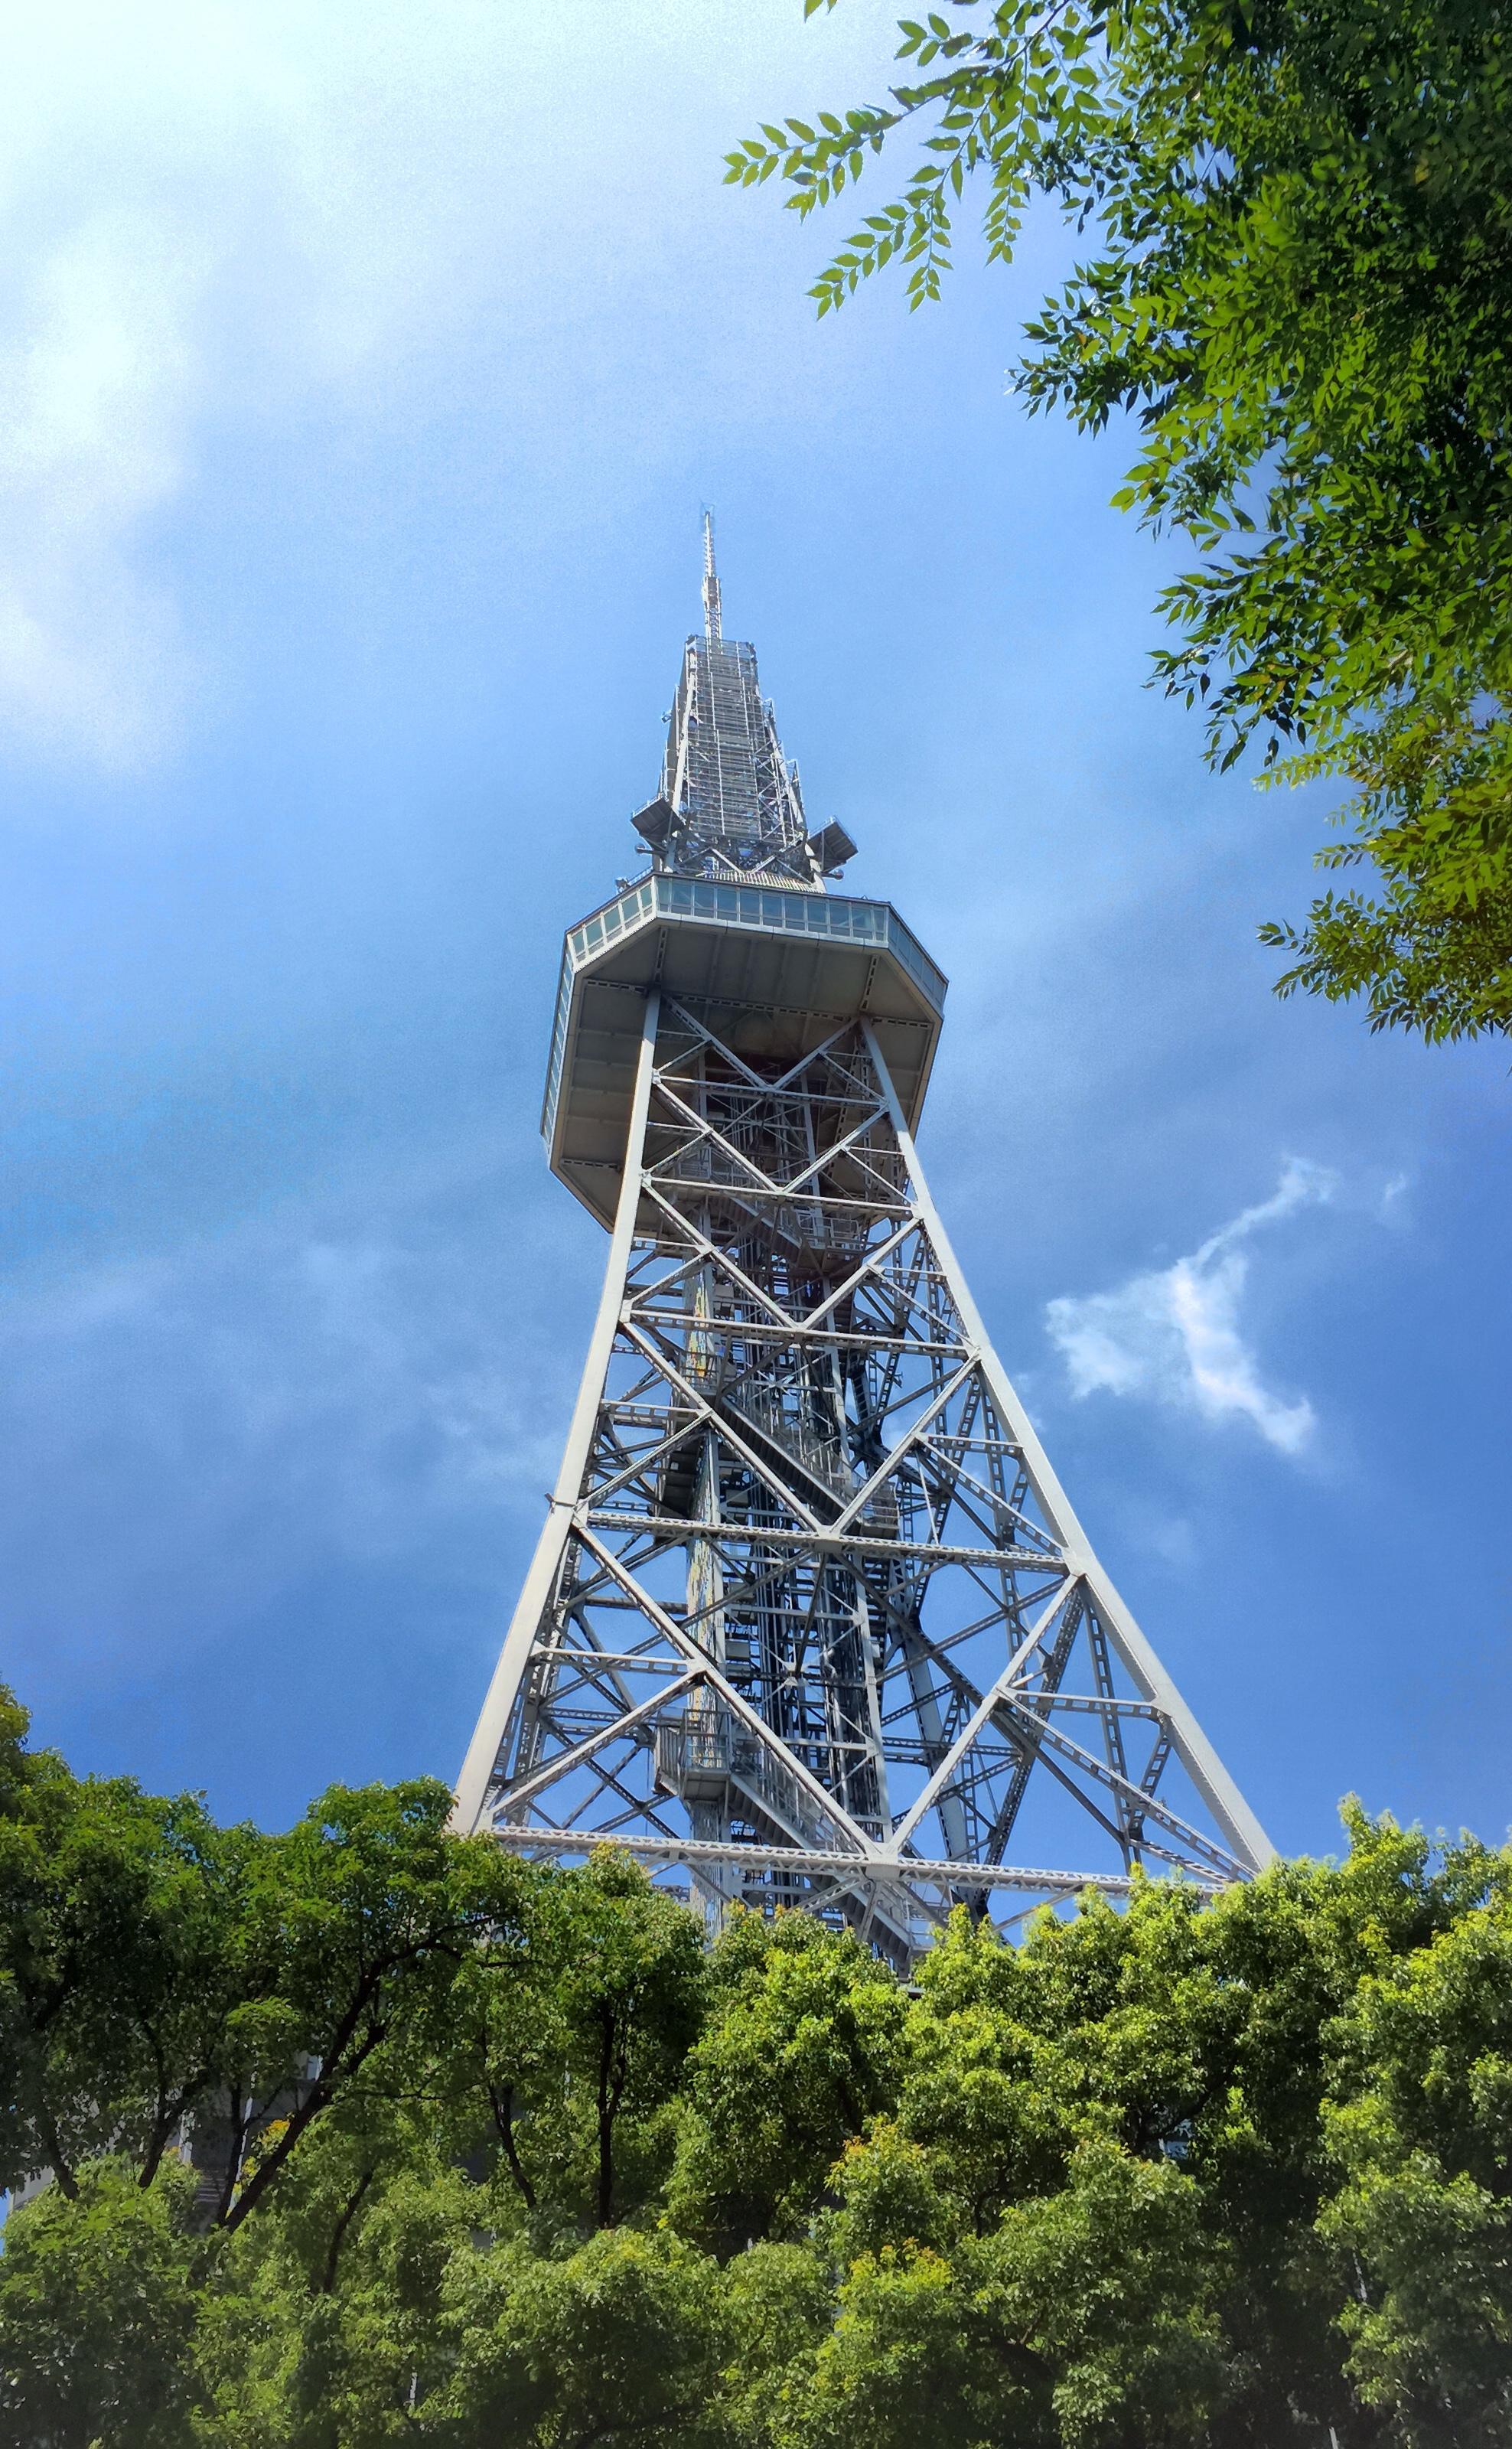 Nagoya tv turret